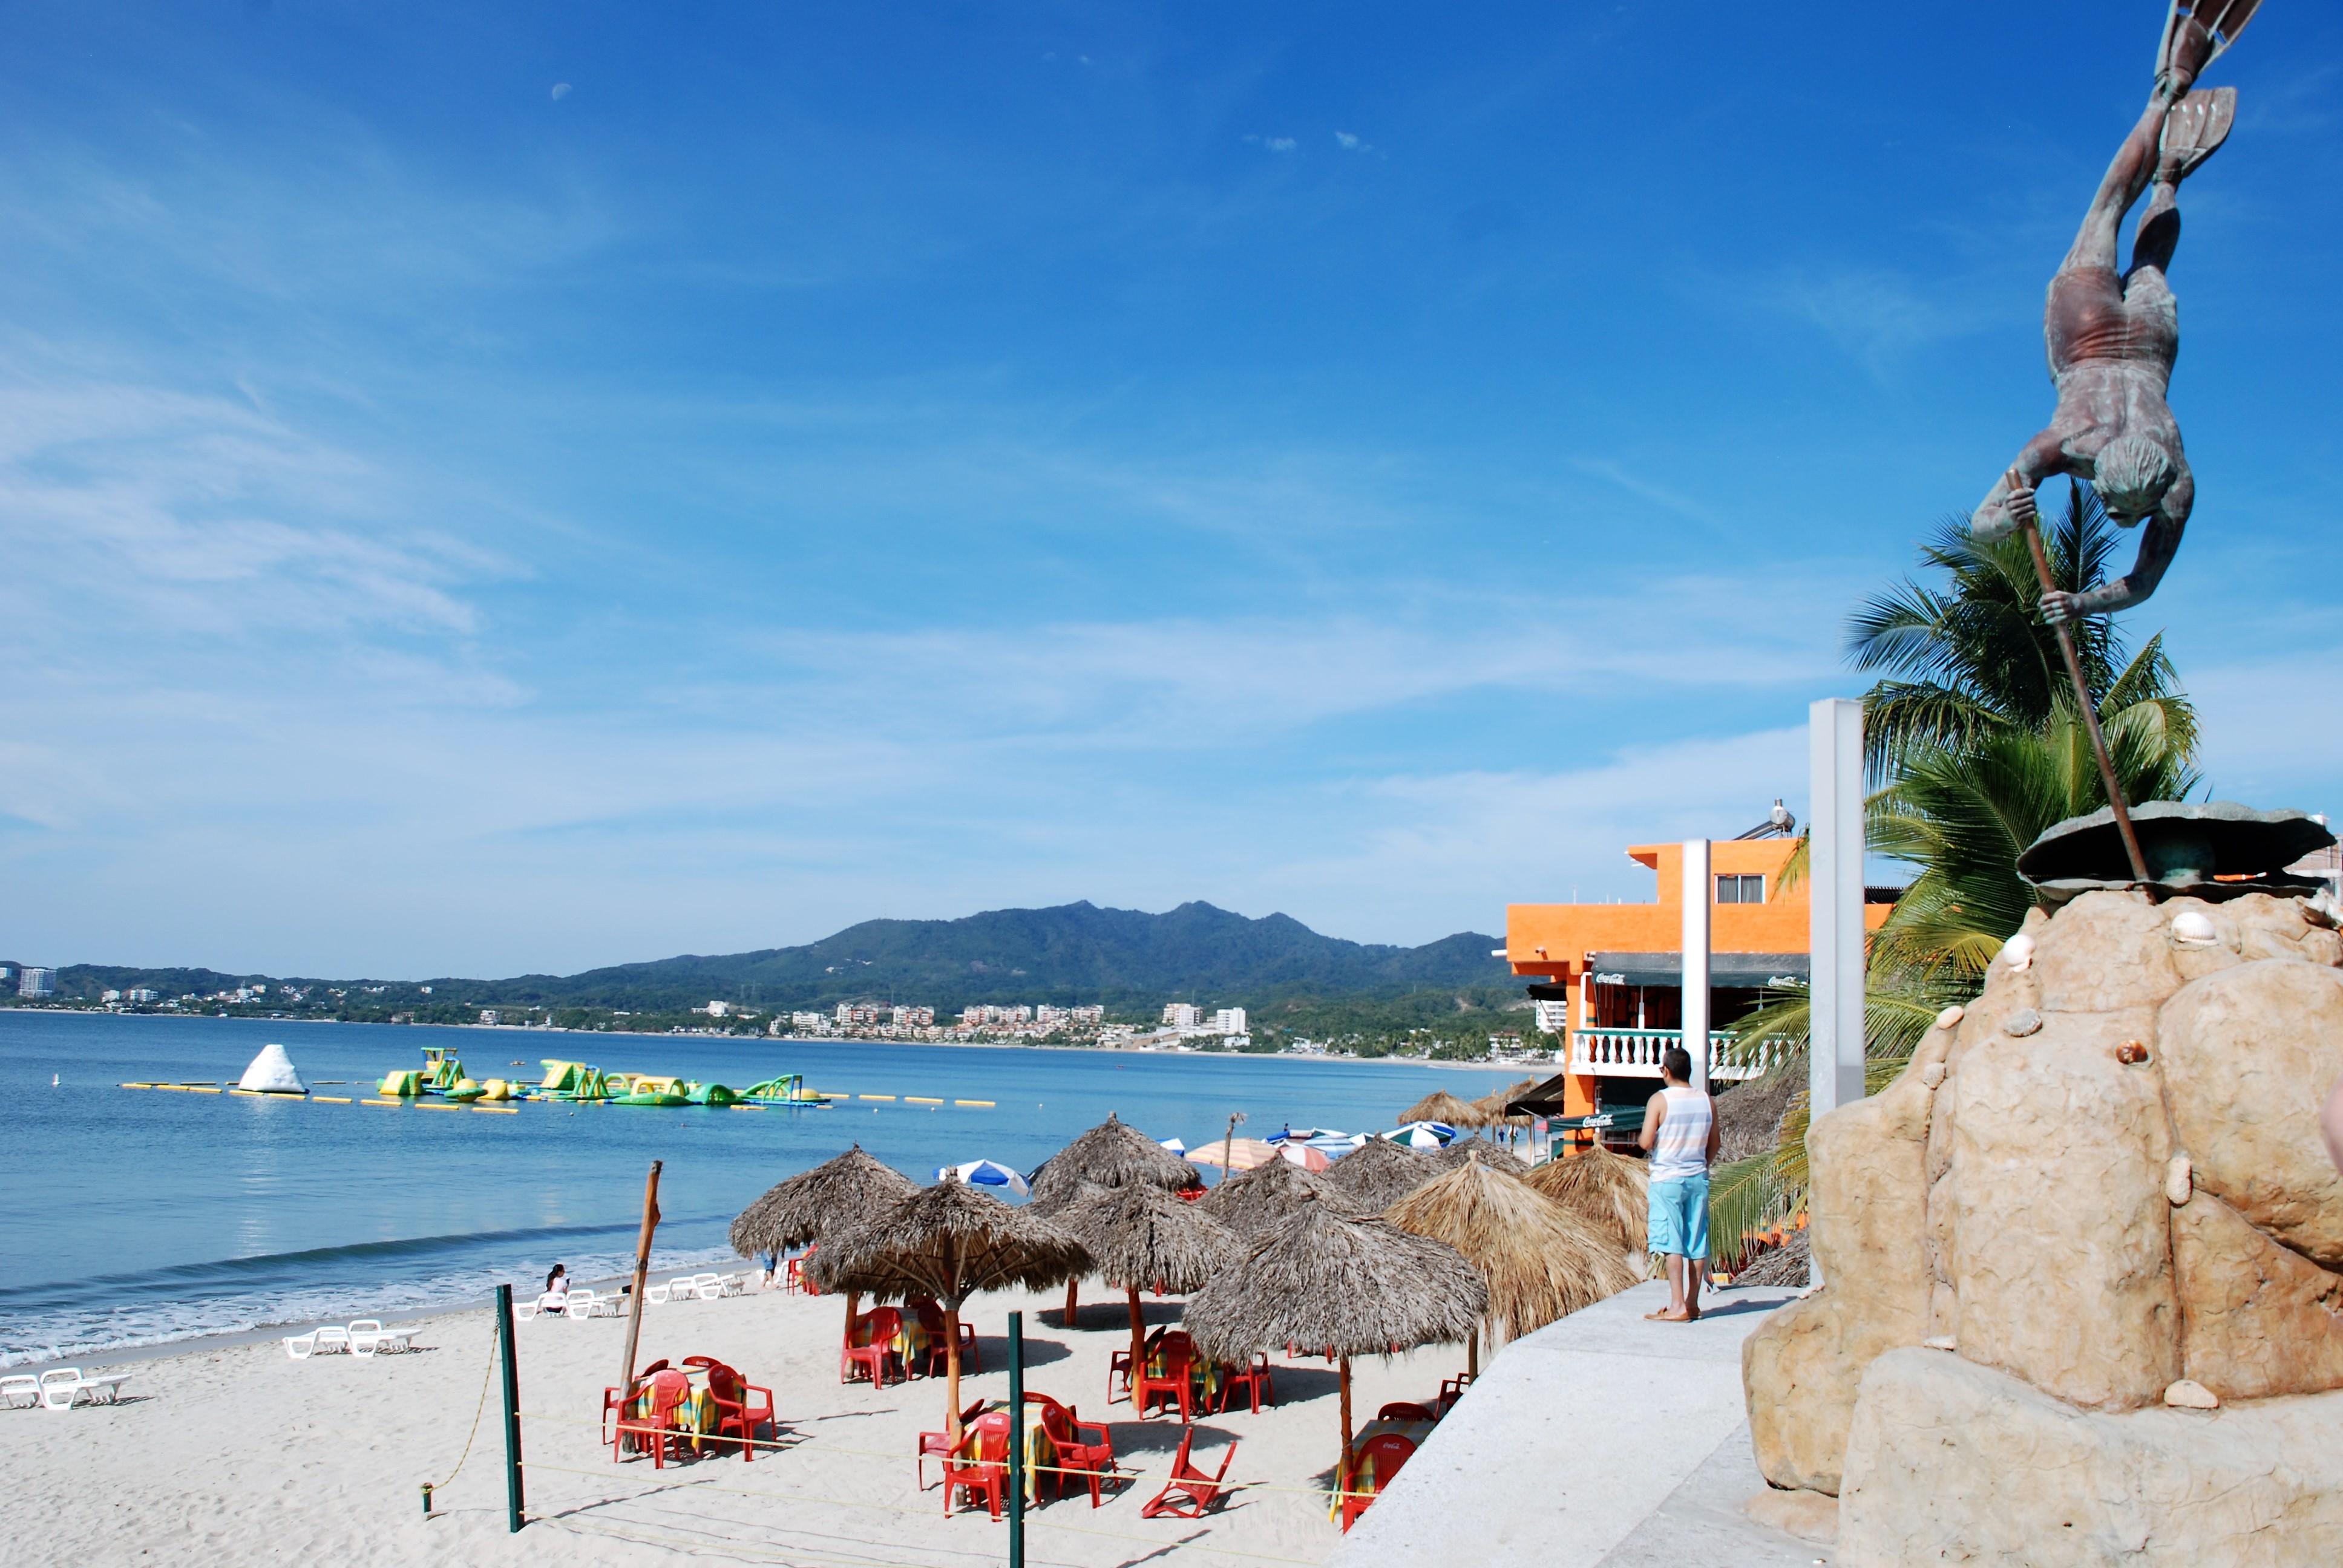 Riviera Nayarit:  More than meets the eye